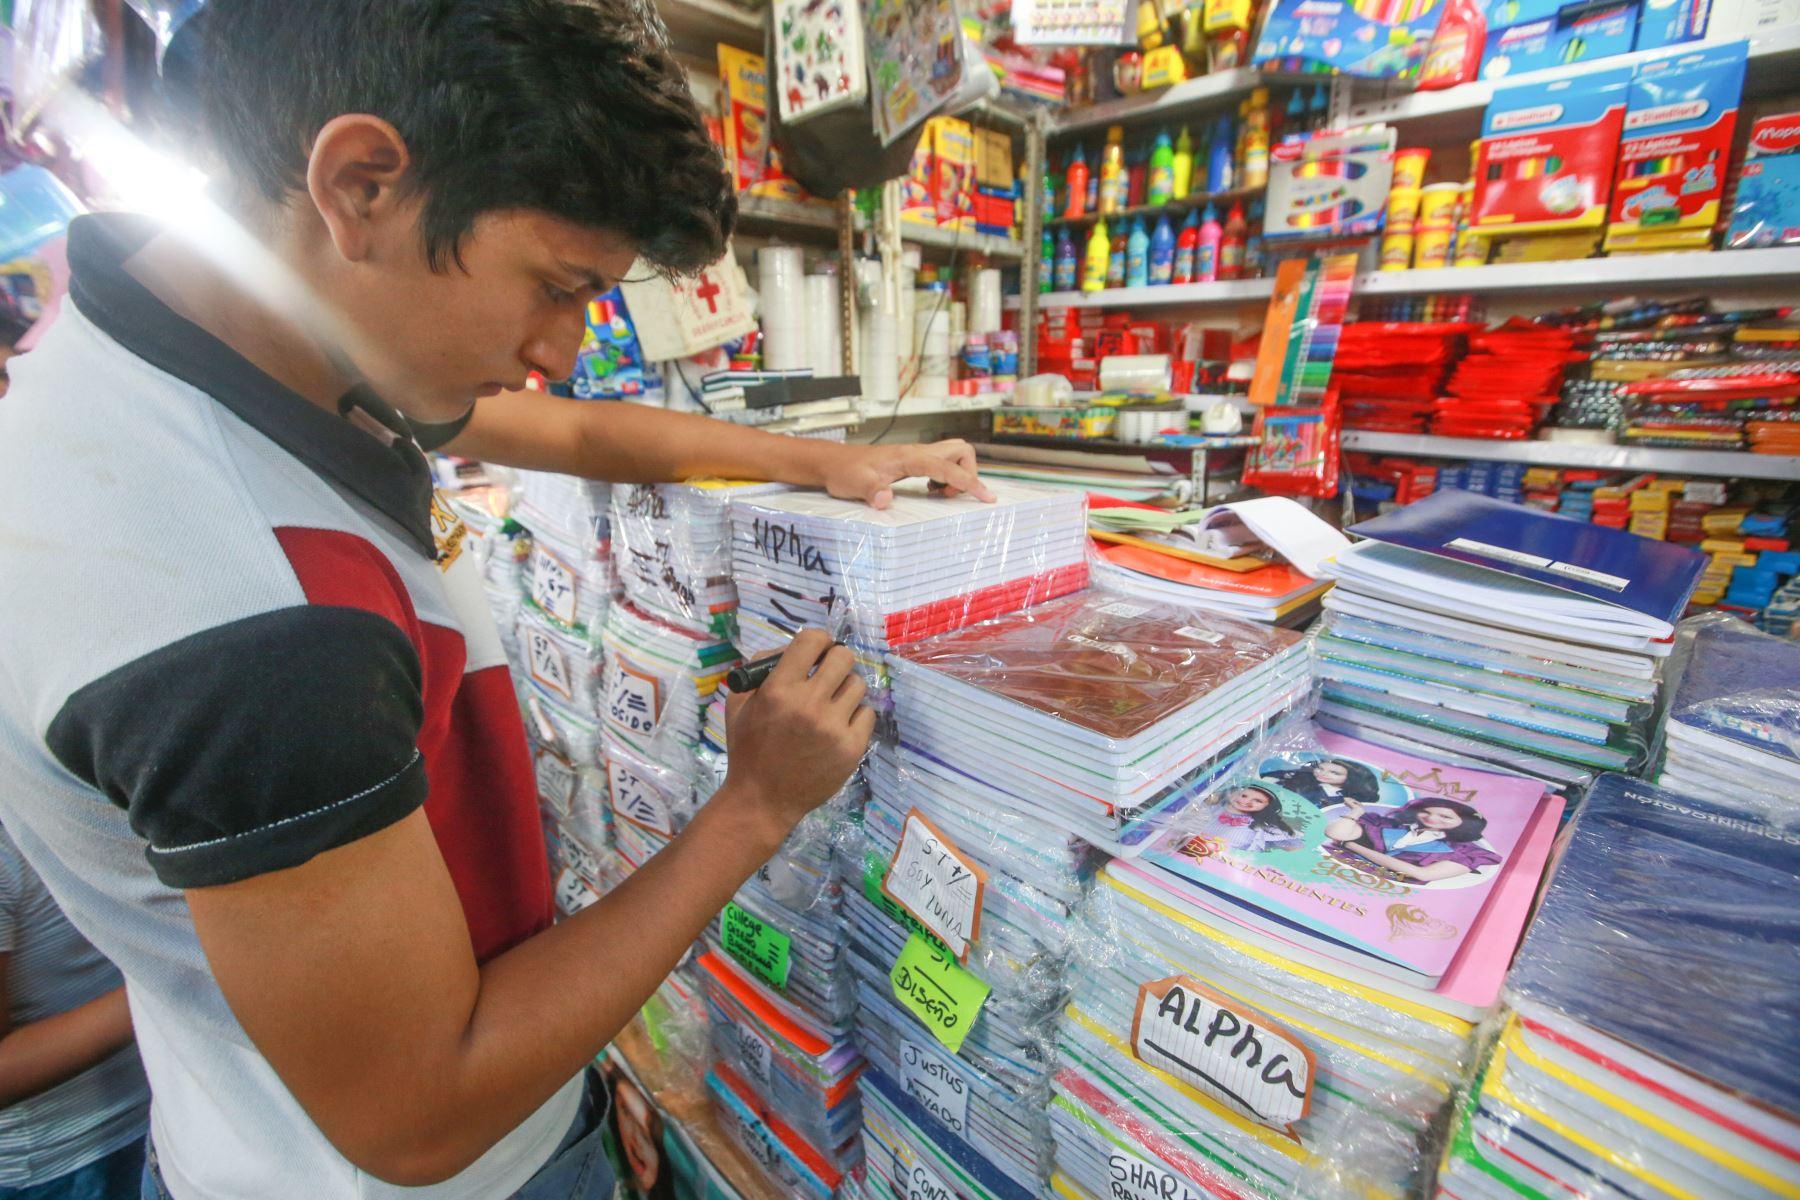 Los vendedores ofrecen una variada oferta de diferentes marcas de útiles escolares. Foto: ANDINA/ Jhony Laurente